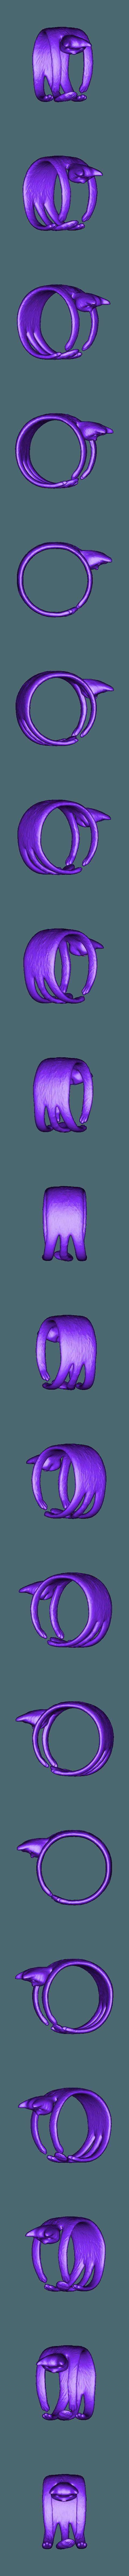 file_83748d6a0f00d9a0ad59f88ae601c5eb_3925.stl Download free STL file Cute Cat Ring • 3D print design, KiDanielGust3